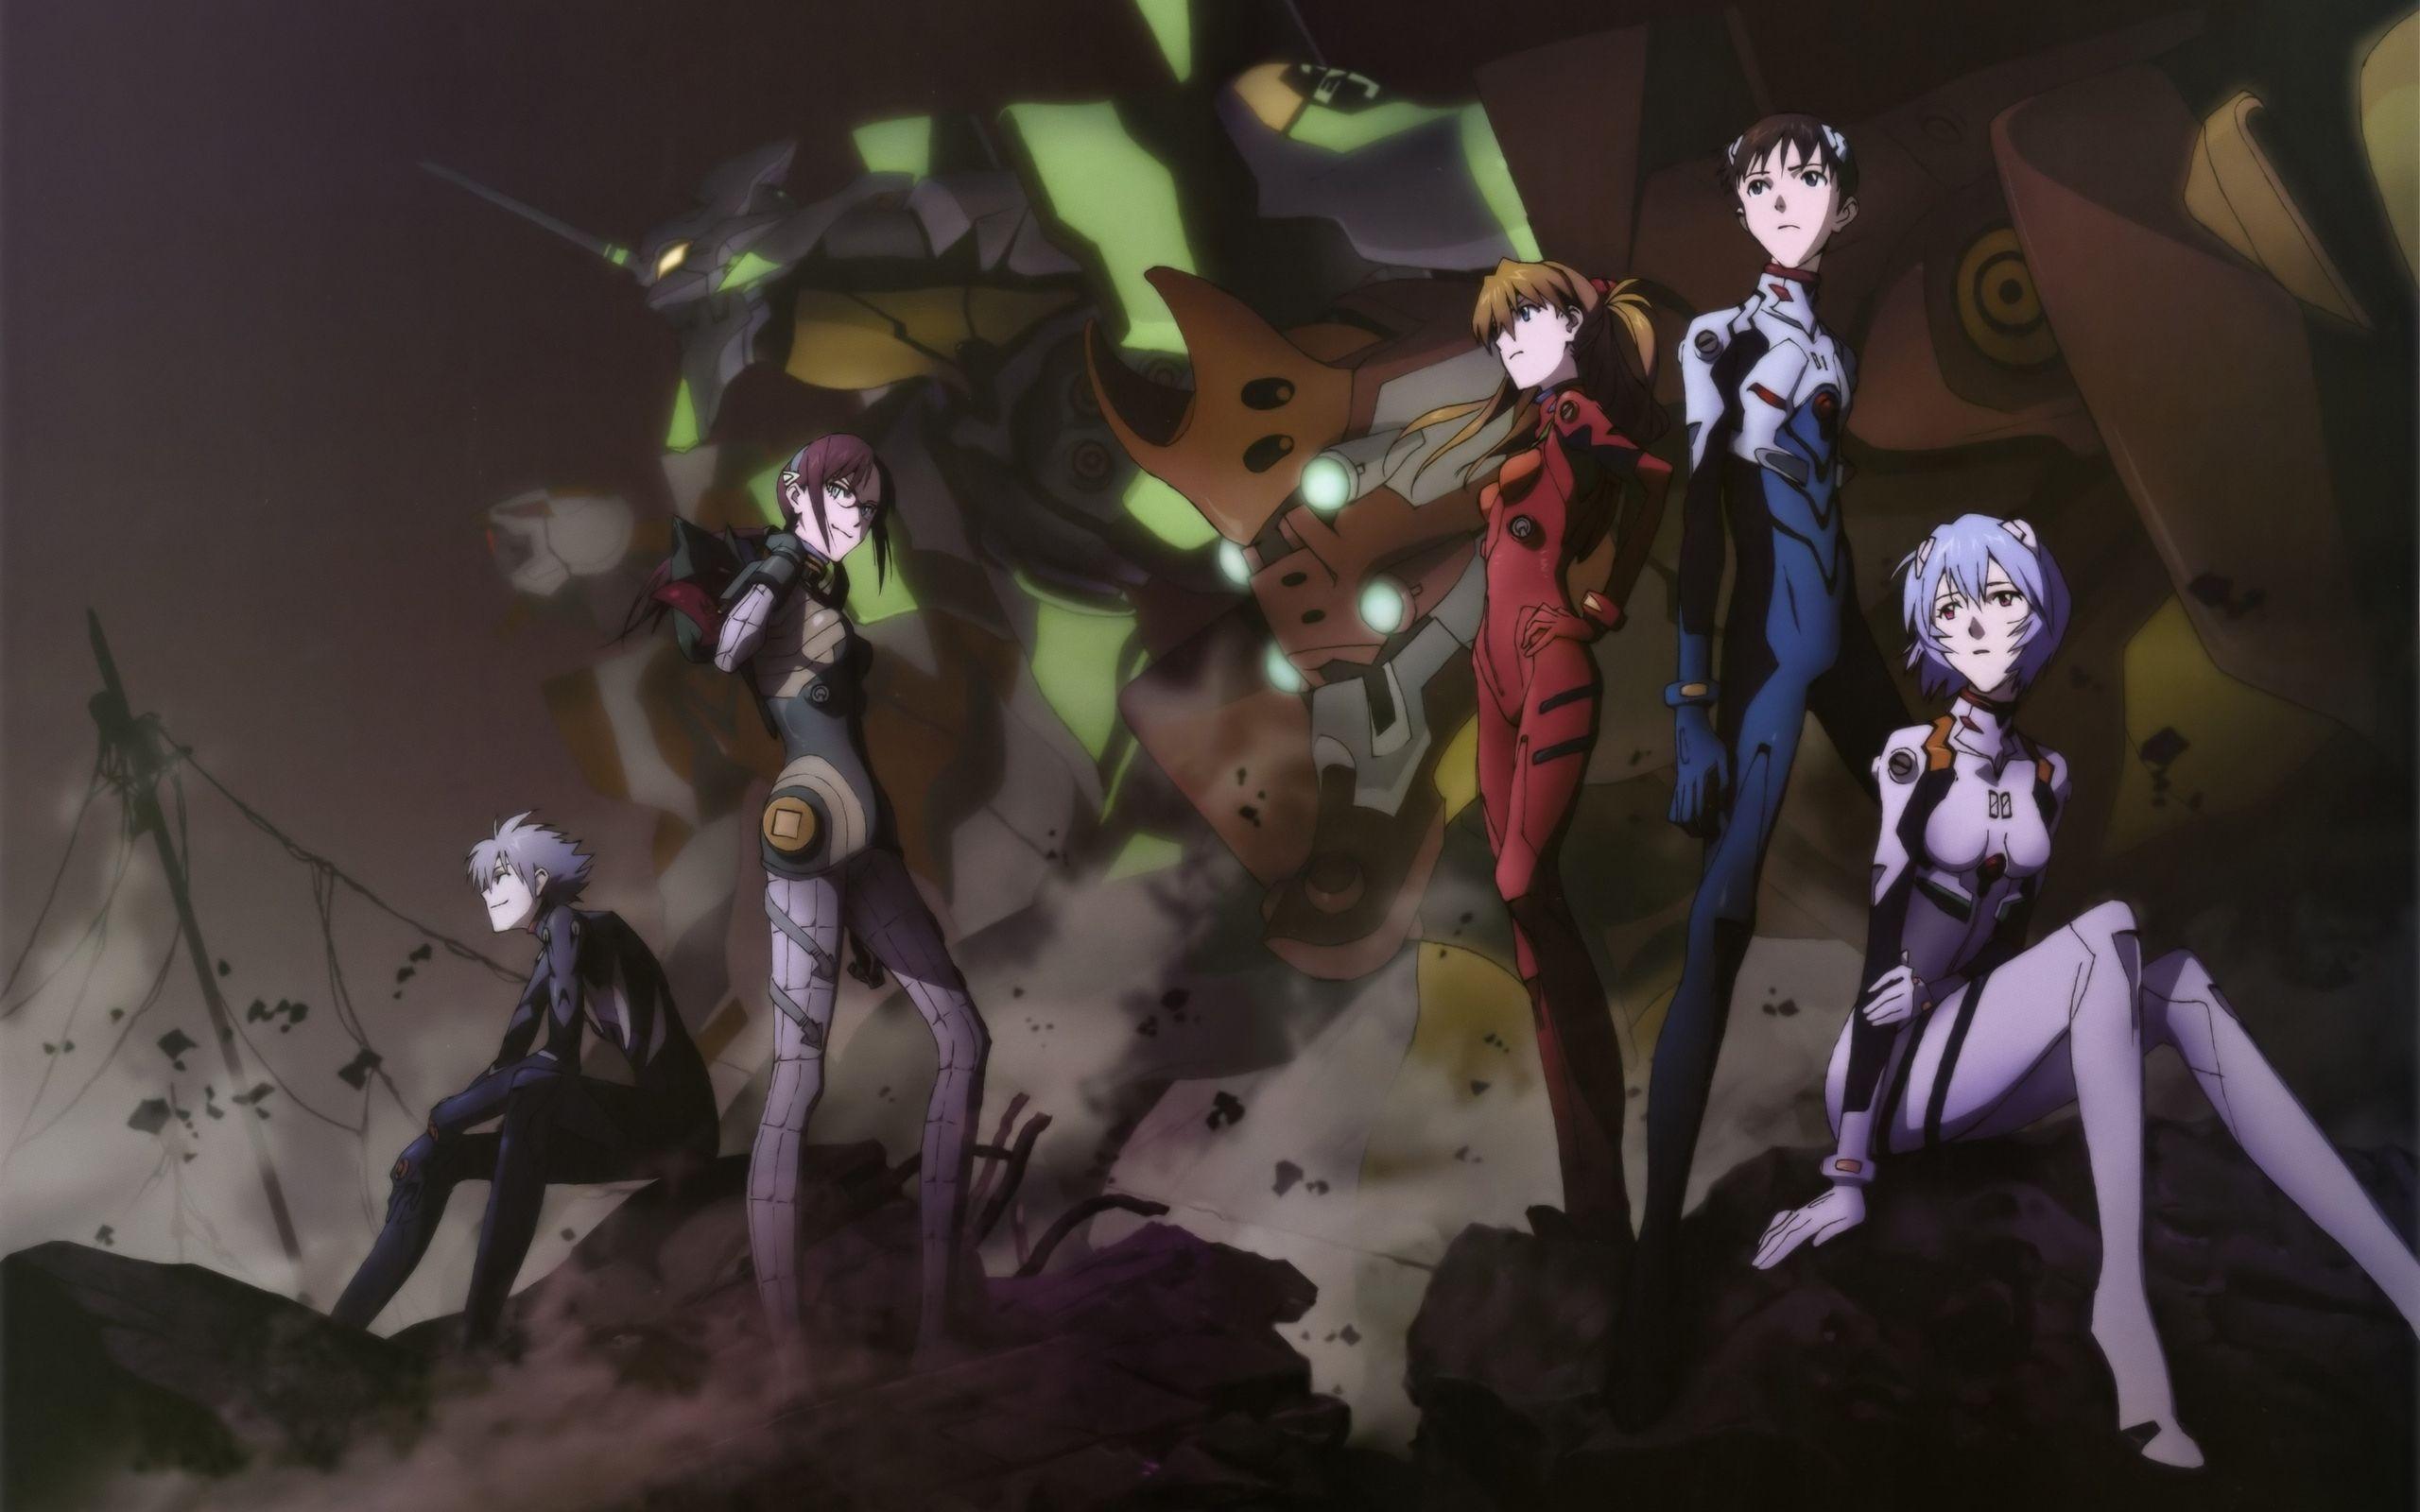 Rei Ayanami Neon Genesis Evangelion, Shinji Ikari Kaworu Nagisa ...